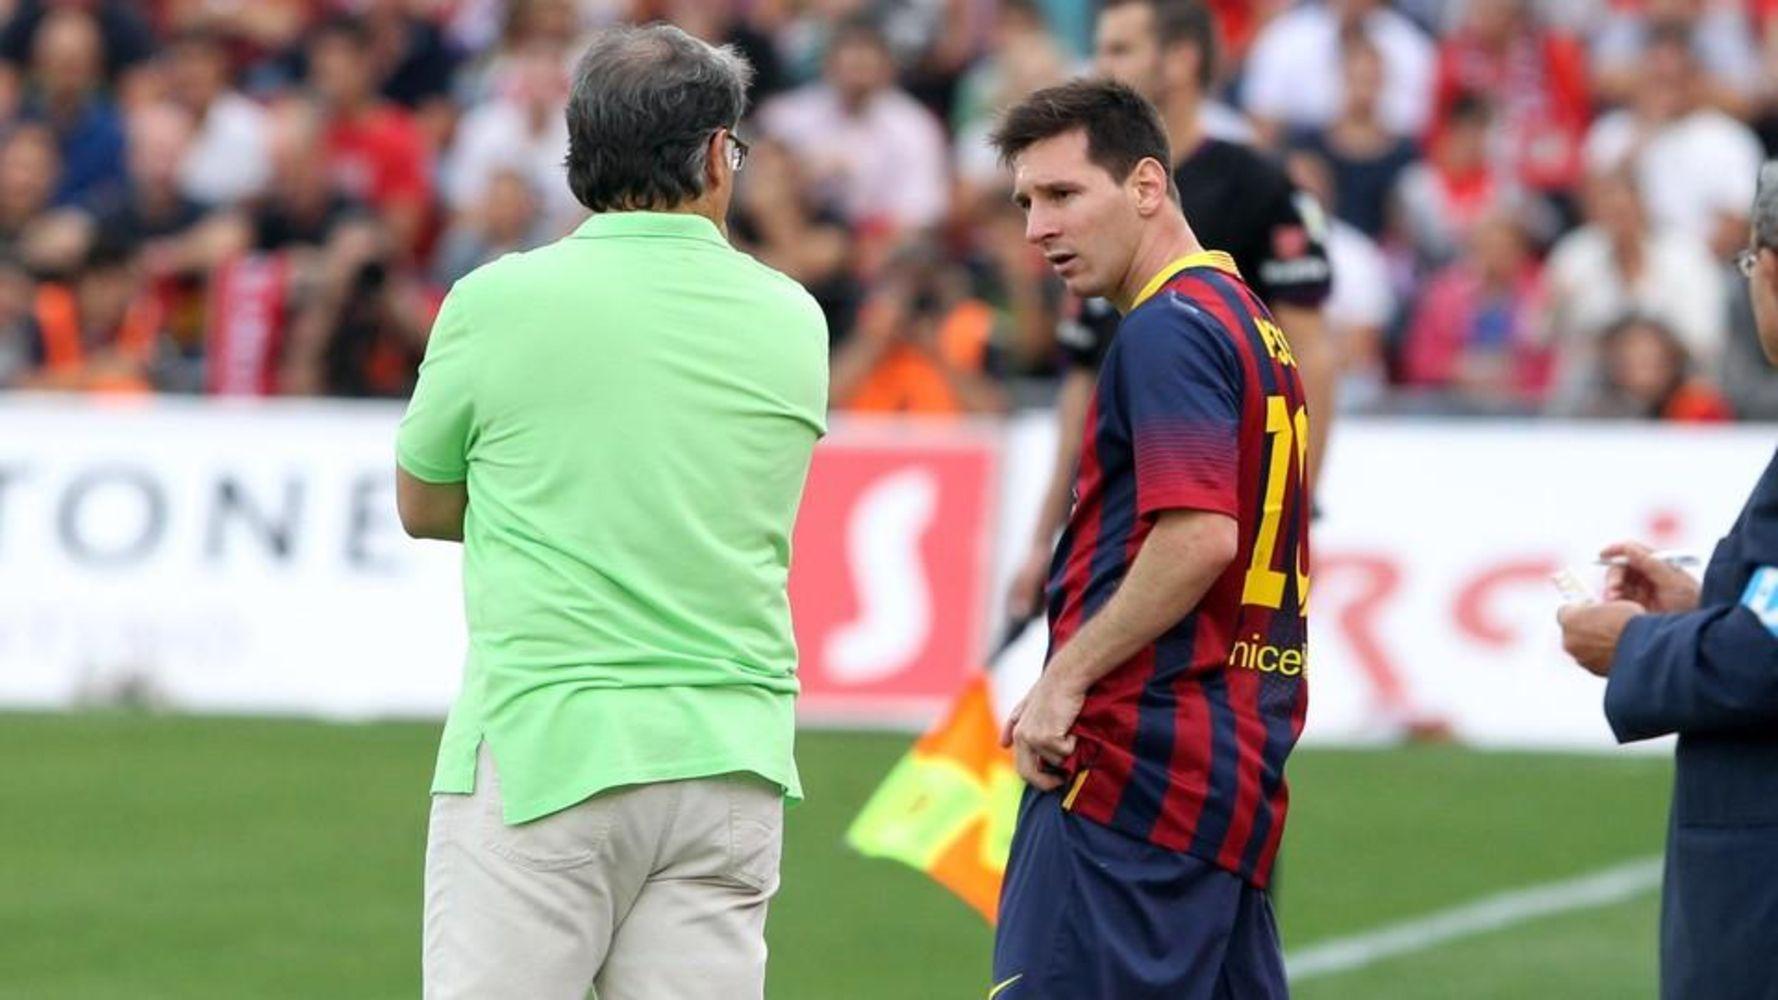 Leo Messi i el Tata Martino, durant l'època de l'entrenador argentí al Barça | FC Barcelona